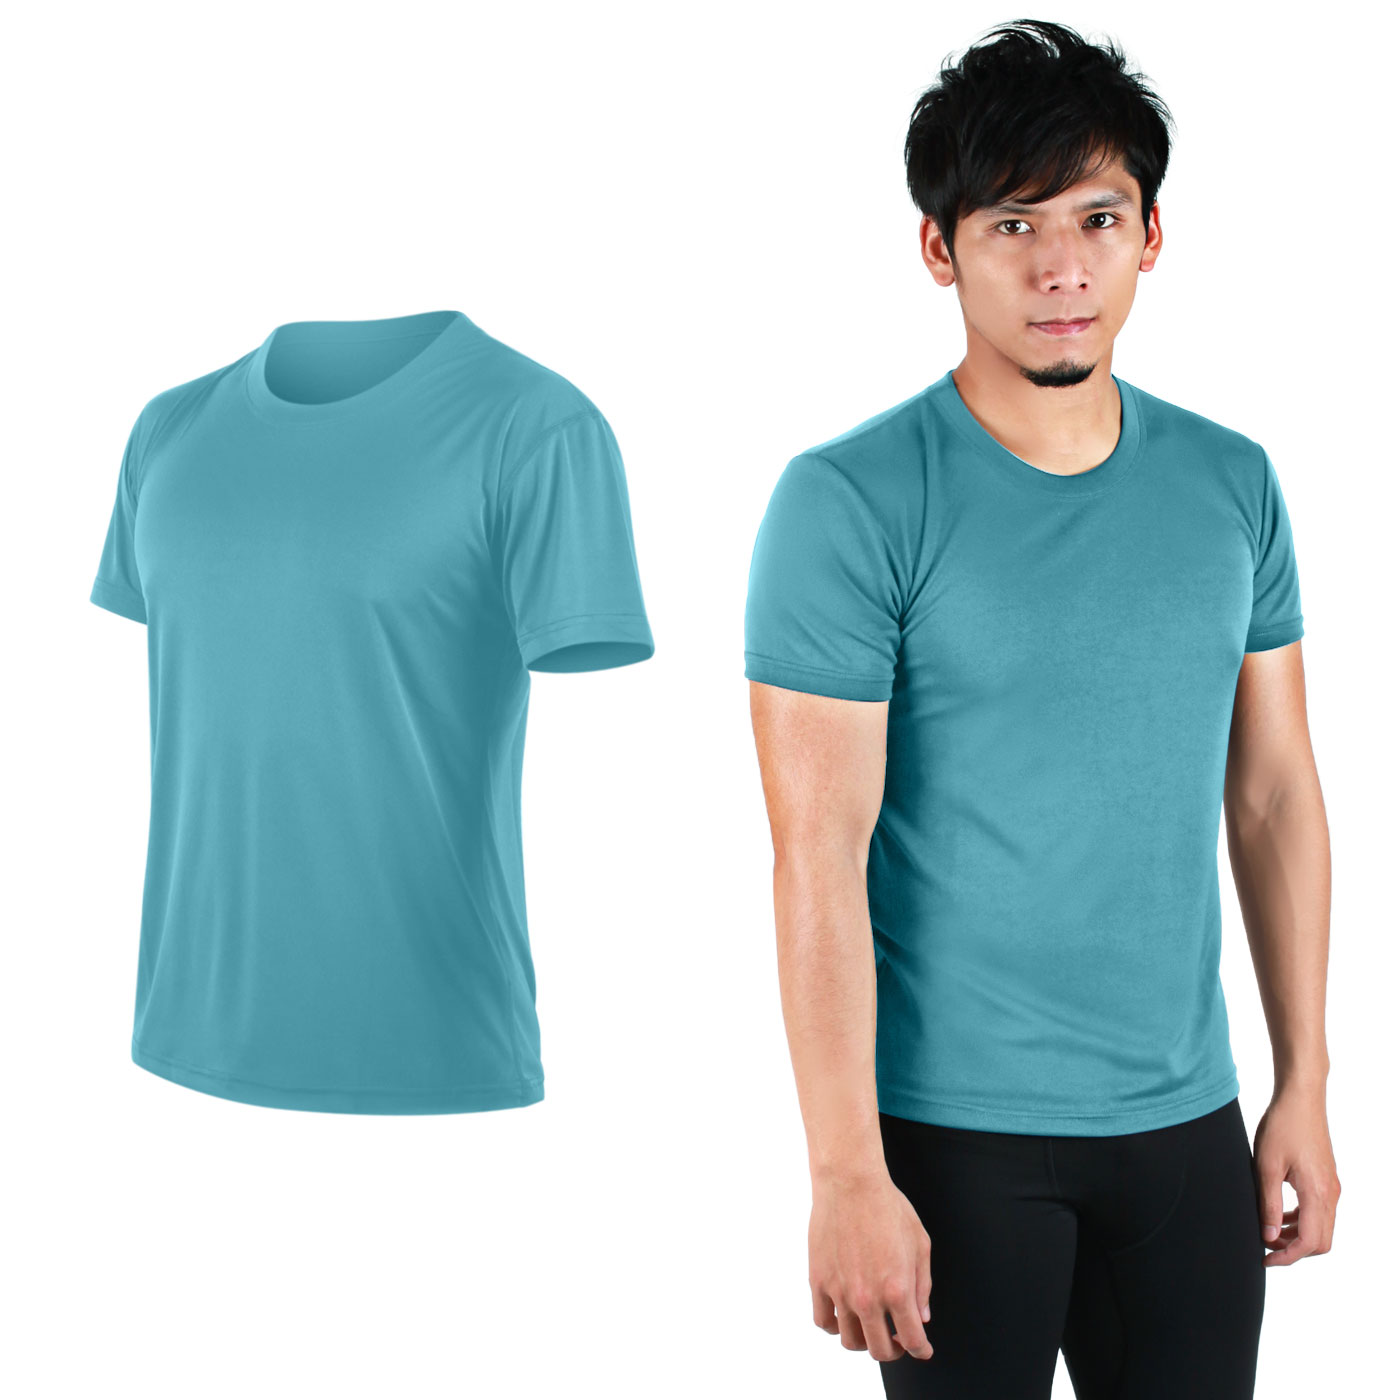 HODARLA FLARE 100 吸濕排汗衫3108301 - 透明水藍